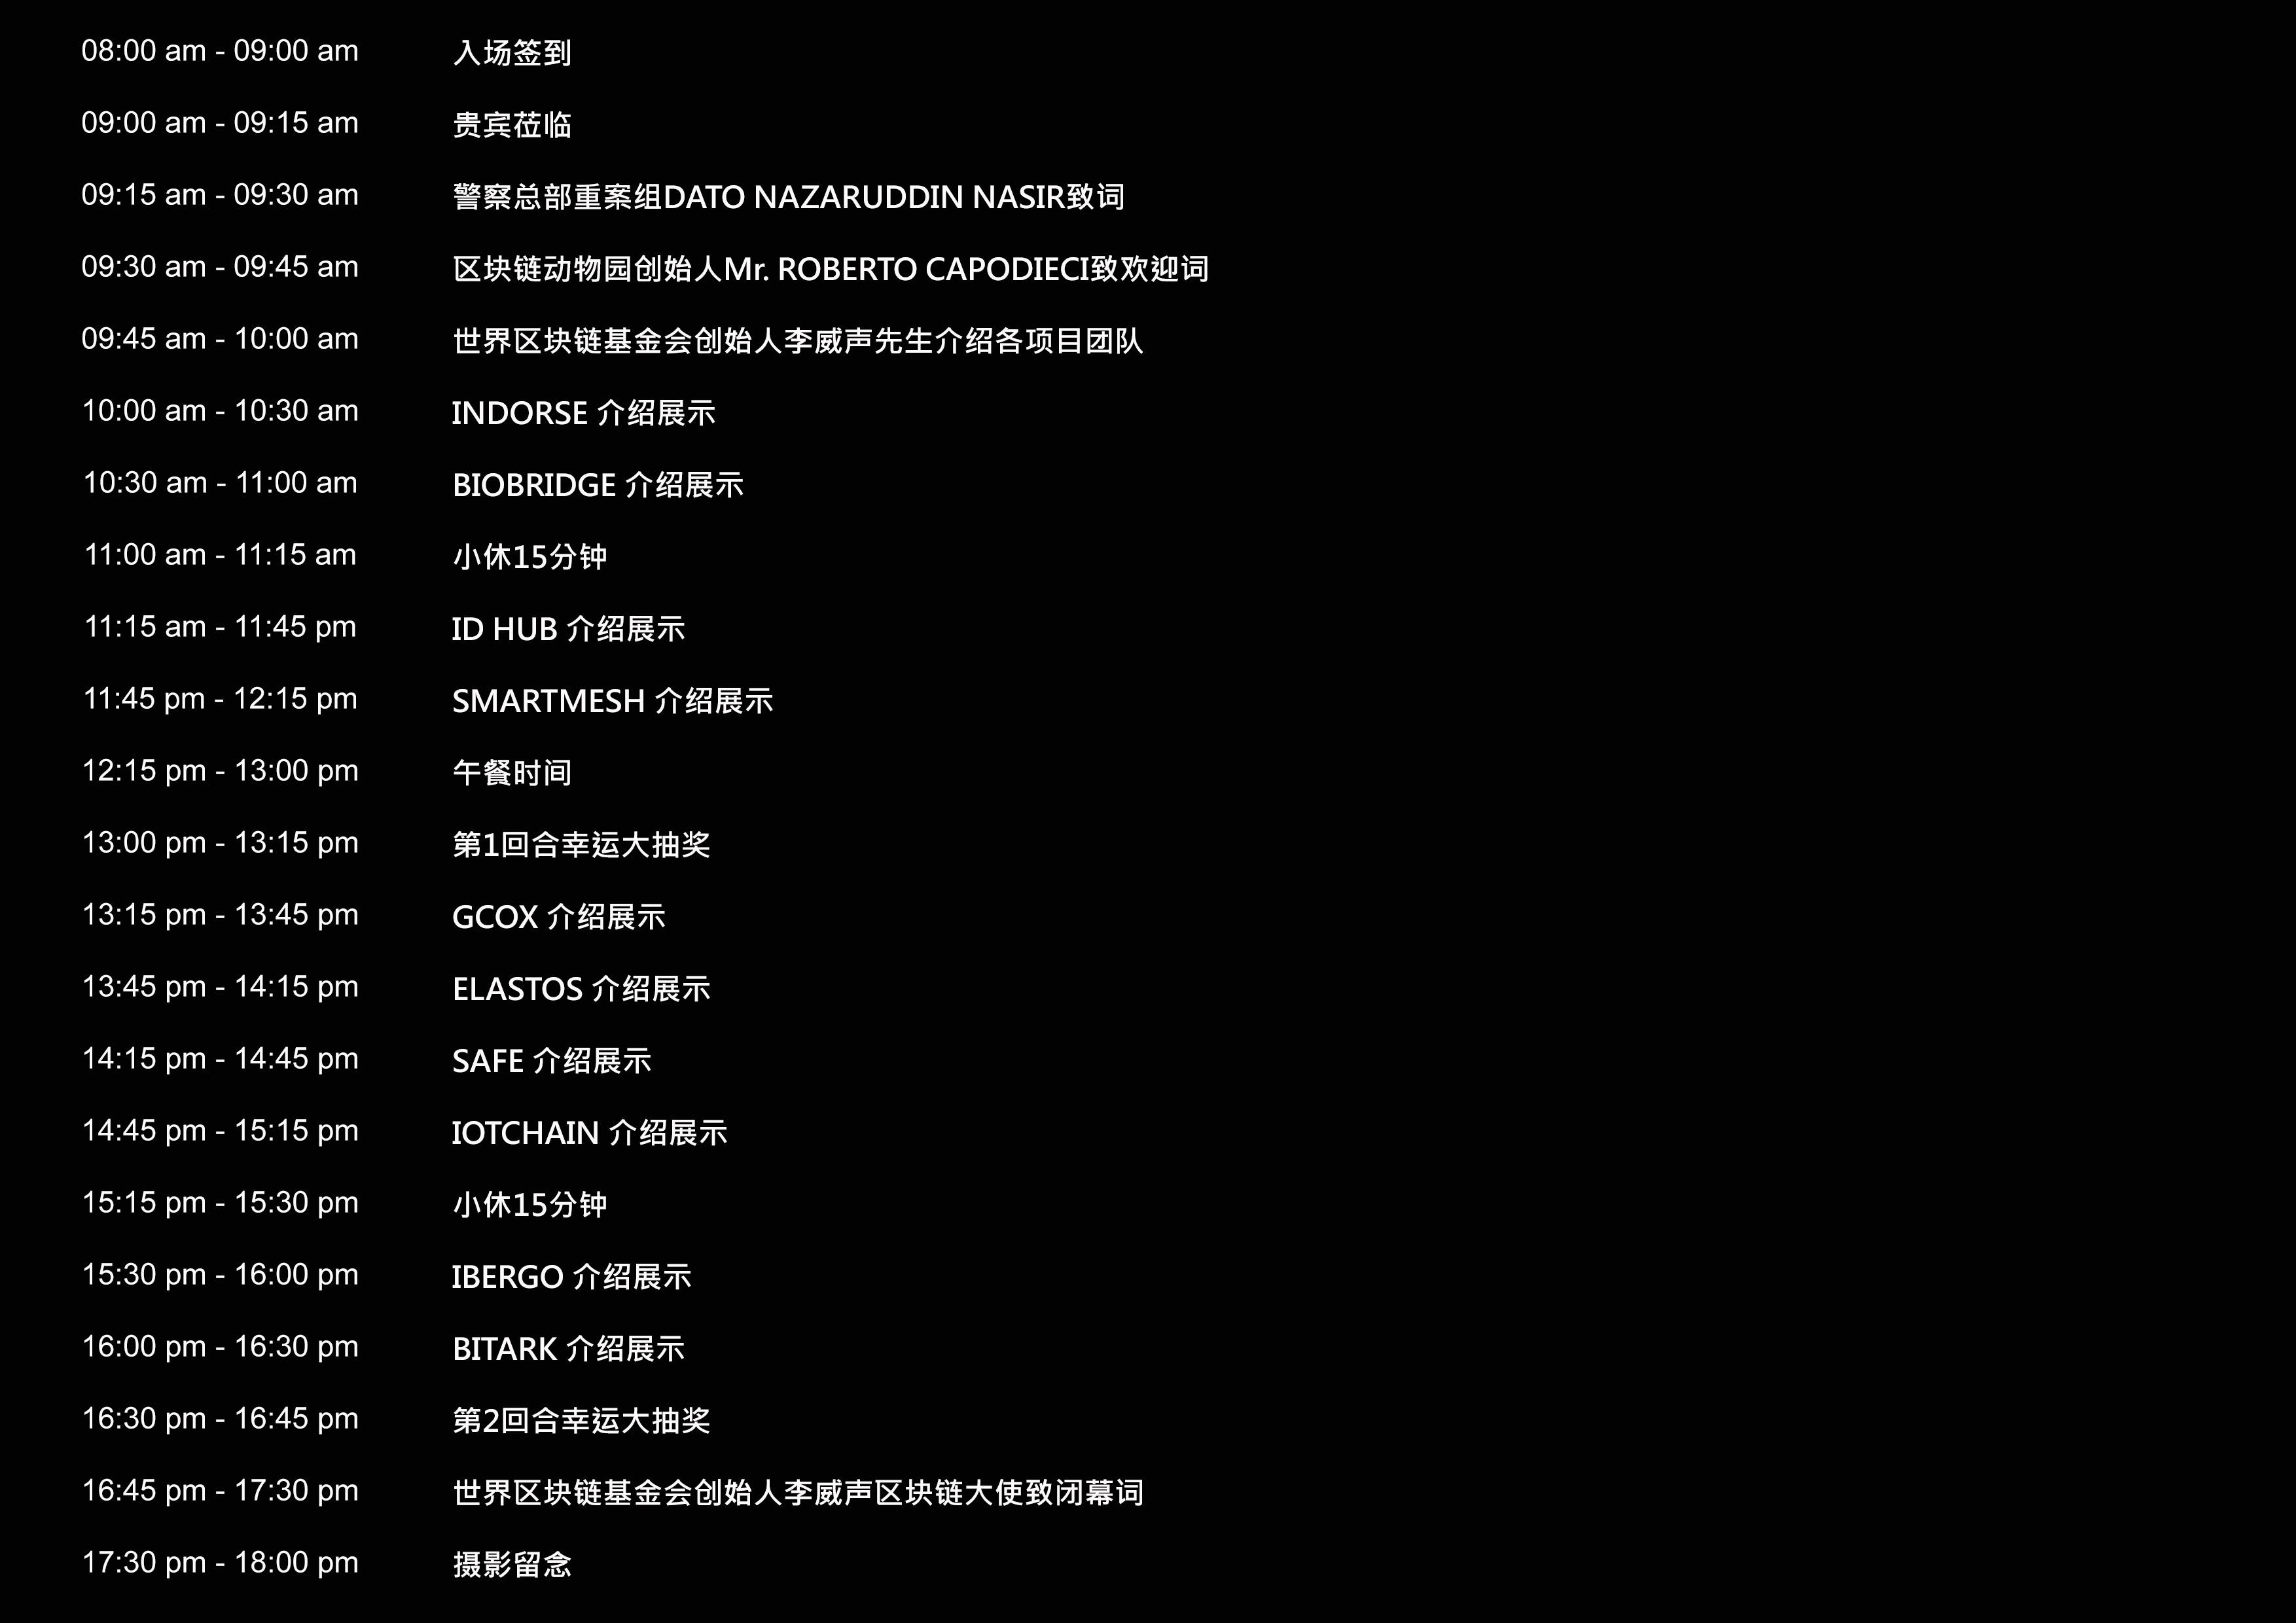 HUB2018KL Agenda (chinese)